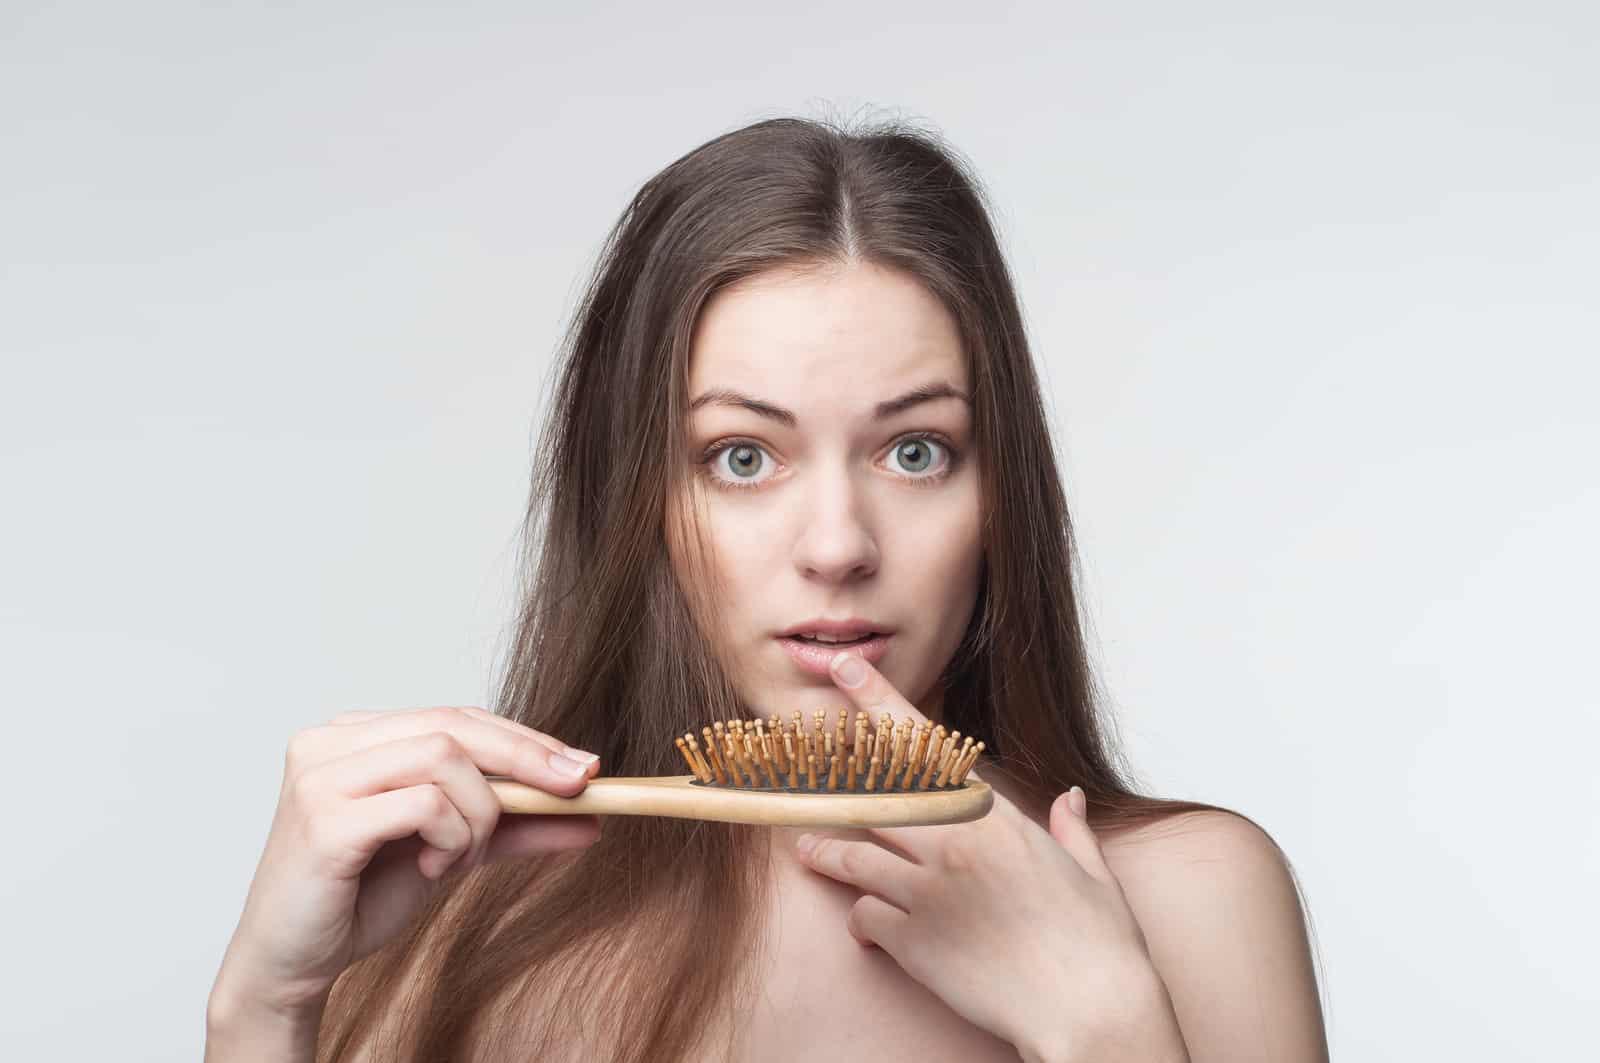 دور التغذية فى تساقط الشعر